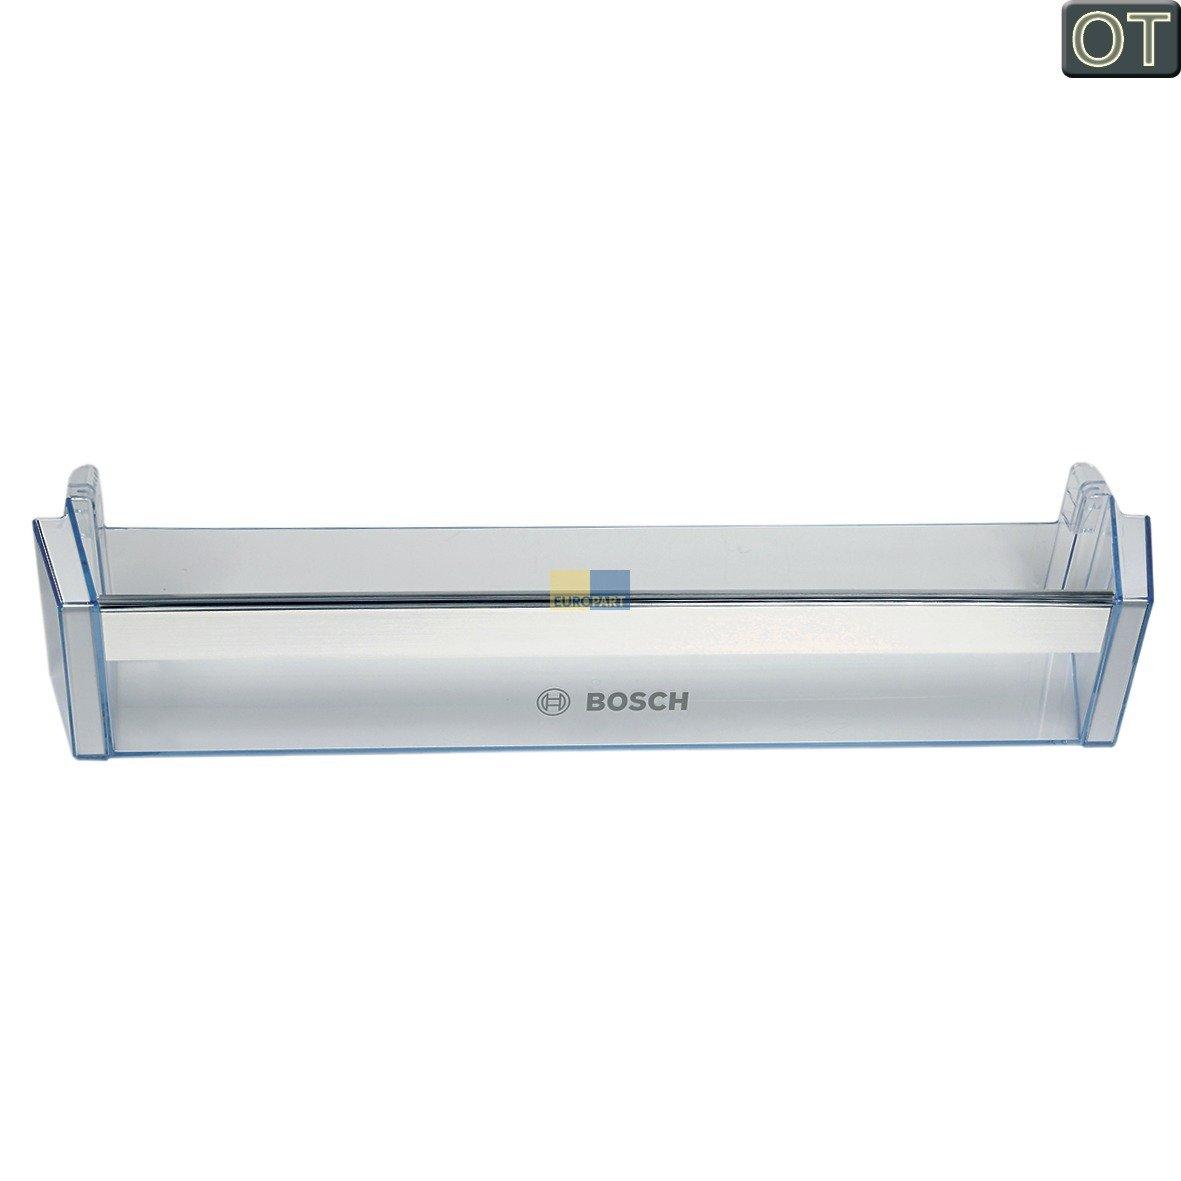 Bosch Siemens 707344 ORIGINAL Abstellfach Türfach Absteller ...